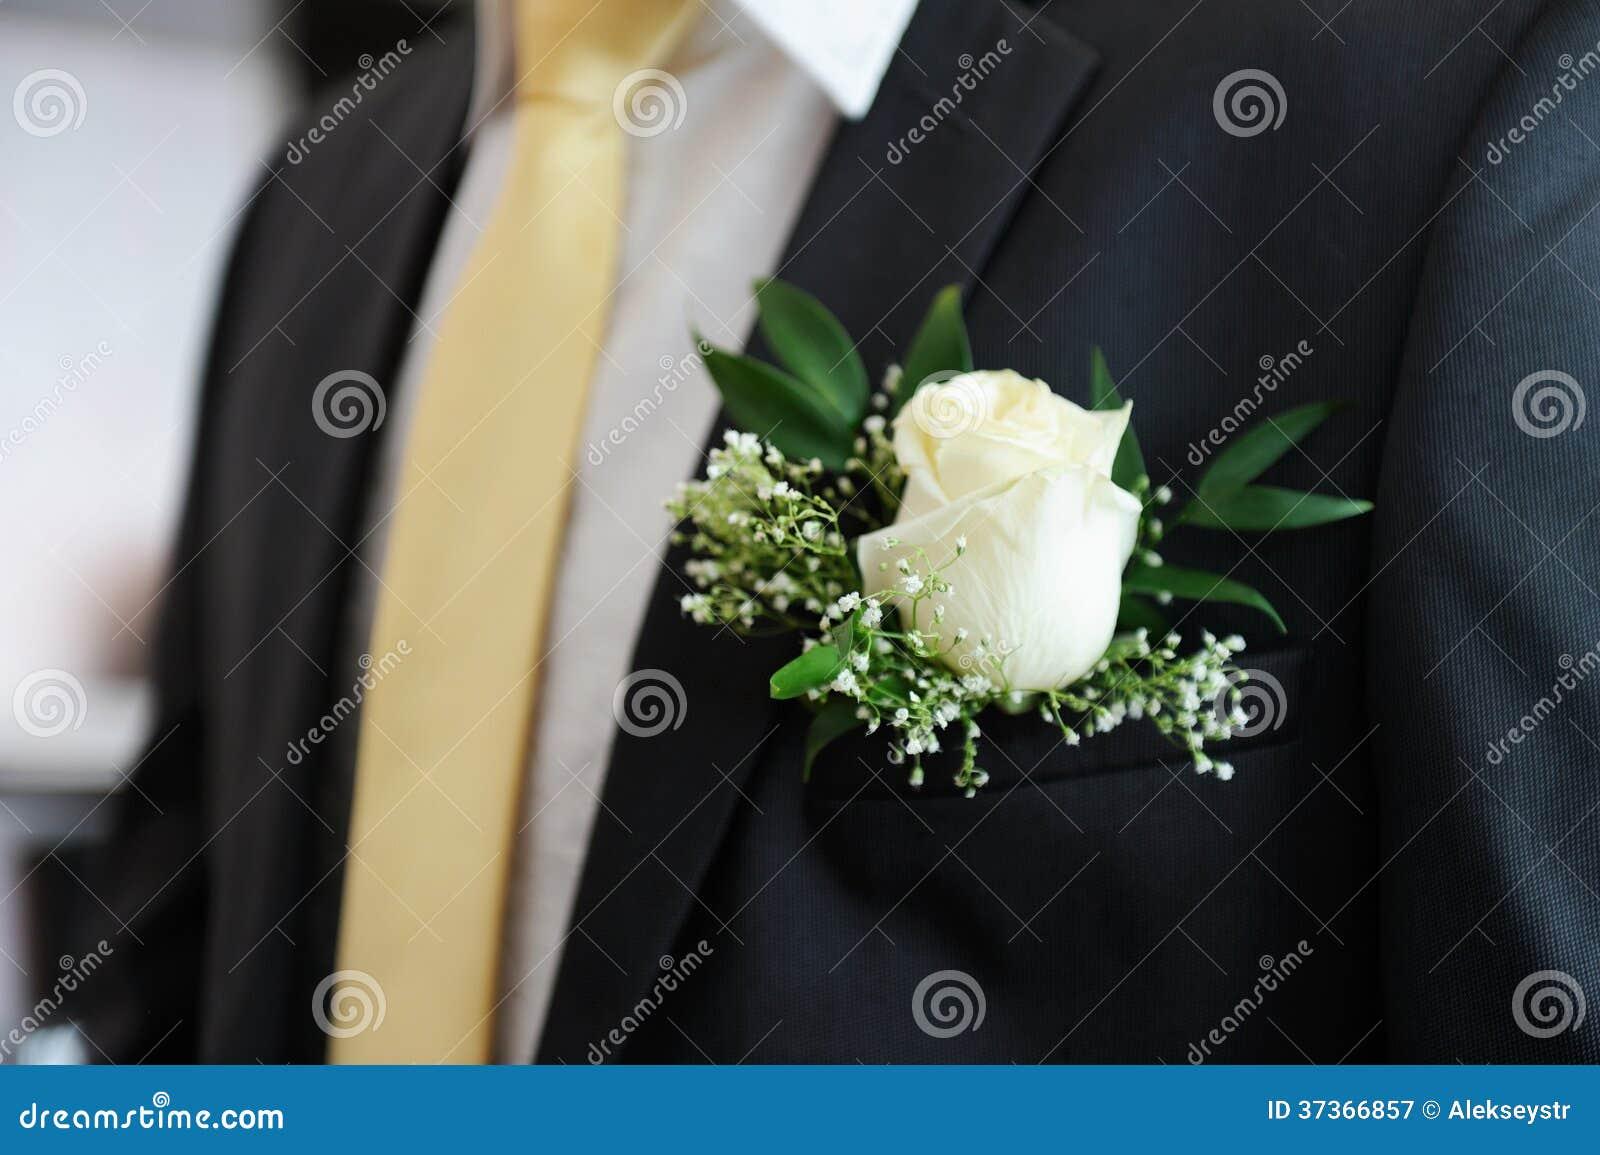 boutonniere blanc sur le costume du mari. Black Bedroom Furniture Sets. Home Design Ideas